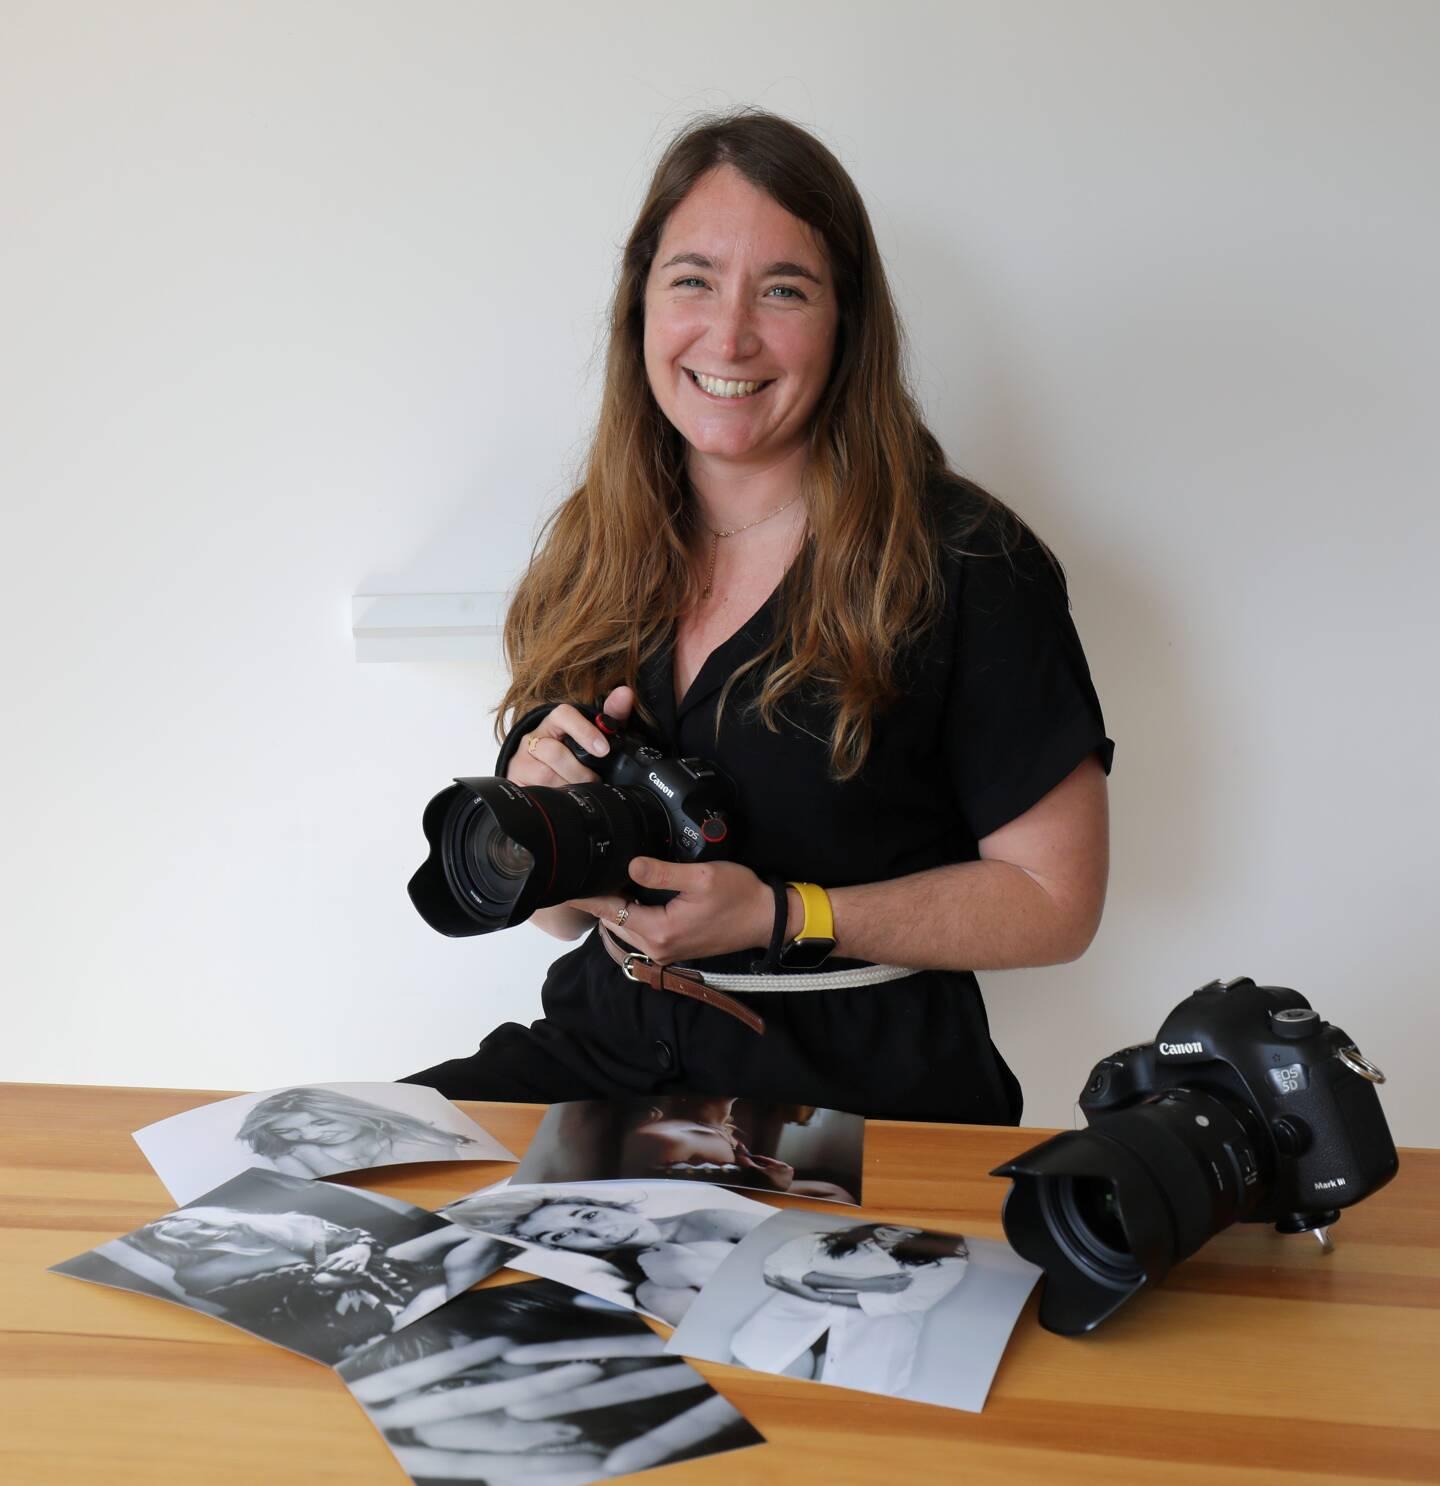 Belle énergie et grand sourire: Marion Eymauzy diffuse ses bonnes ondes à travers son travail.